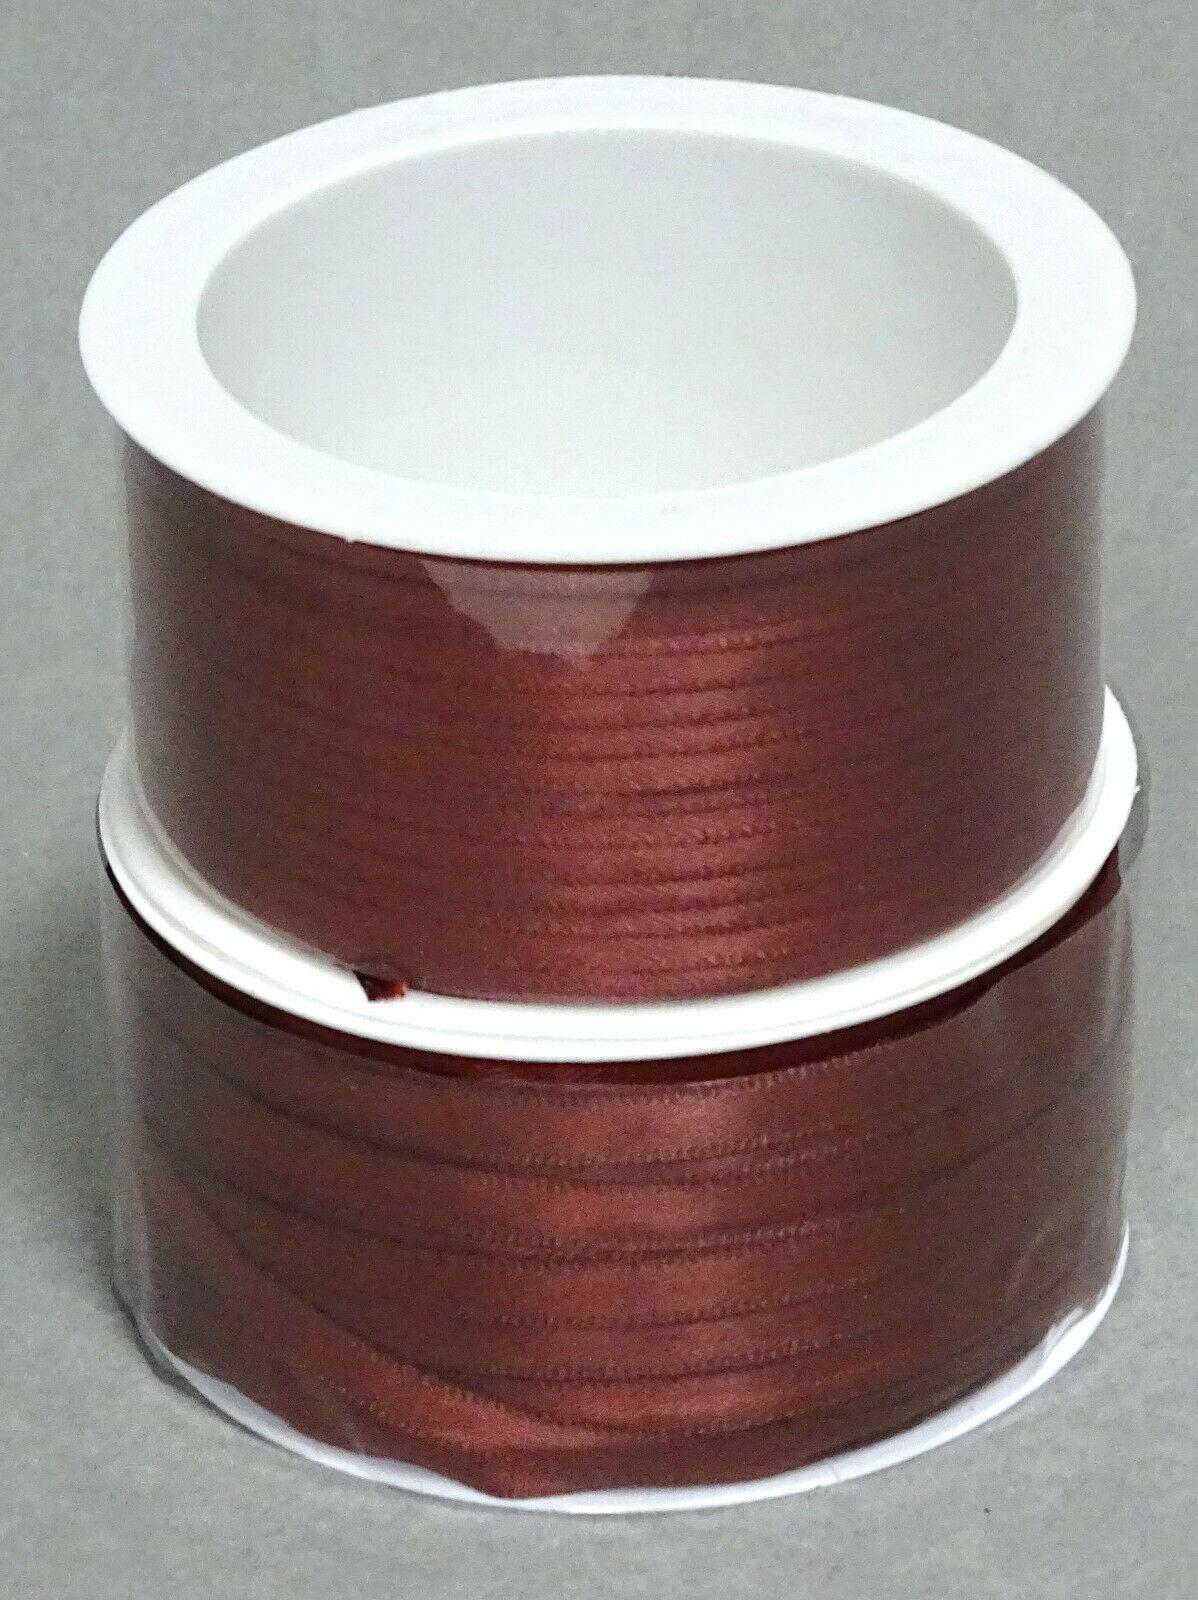 Satinband Schleifenband 50m x 3mm / 6mm Dekoband ab 0,05 €/m Geschenkband Rolle - Bordeaux 124, 3 mm x 50 m